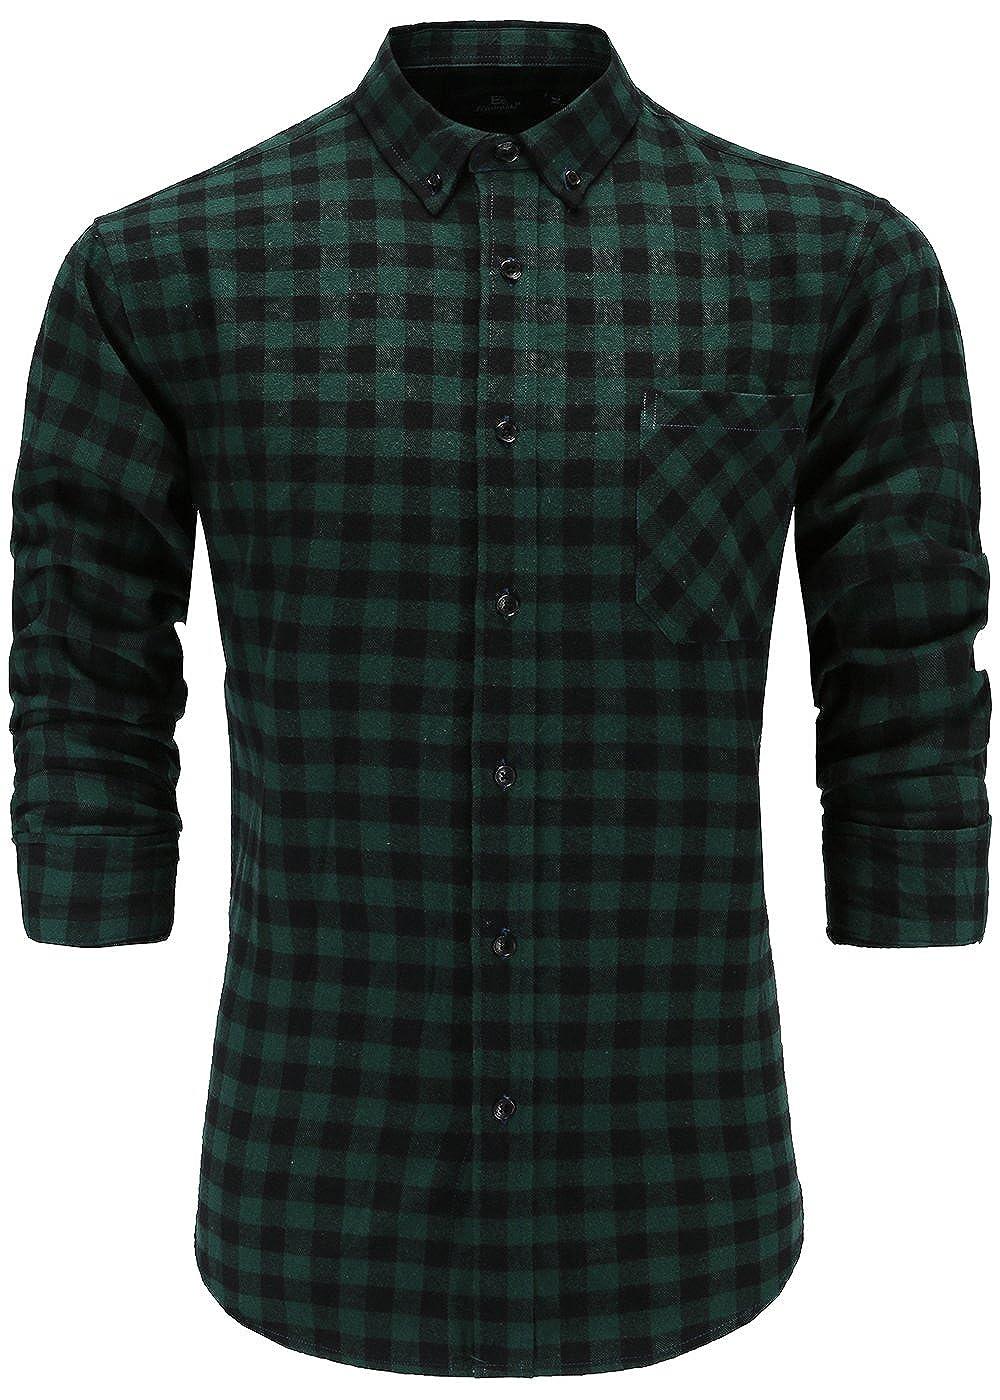 TALLA M. Emiqude - Camisa Casual - Button Down - con Botones - Manga Larga - para Hombre